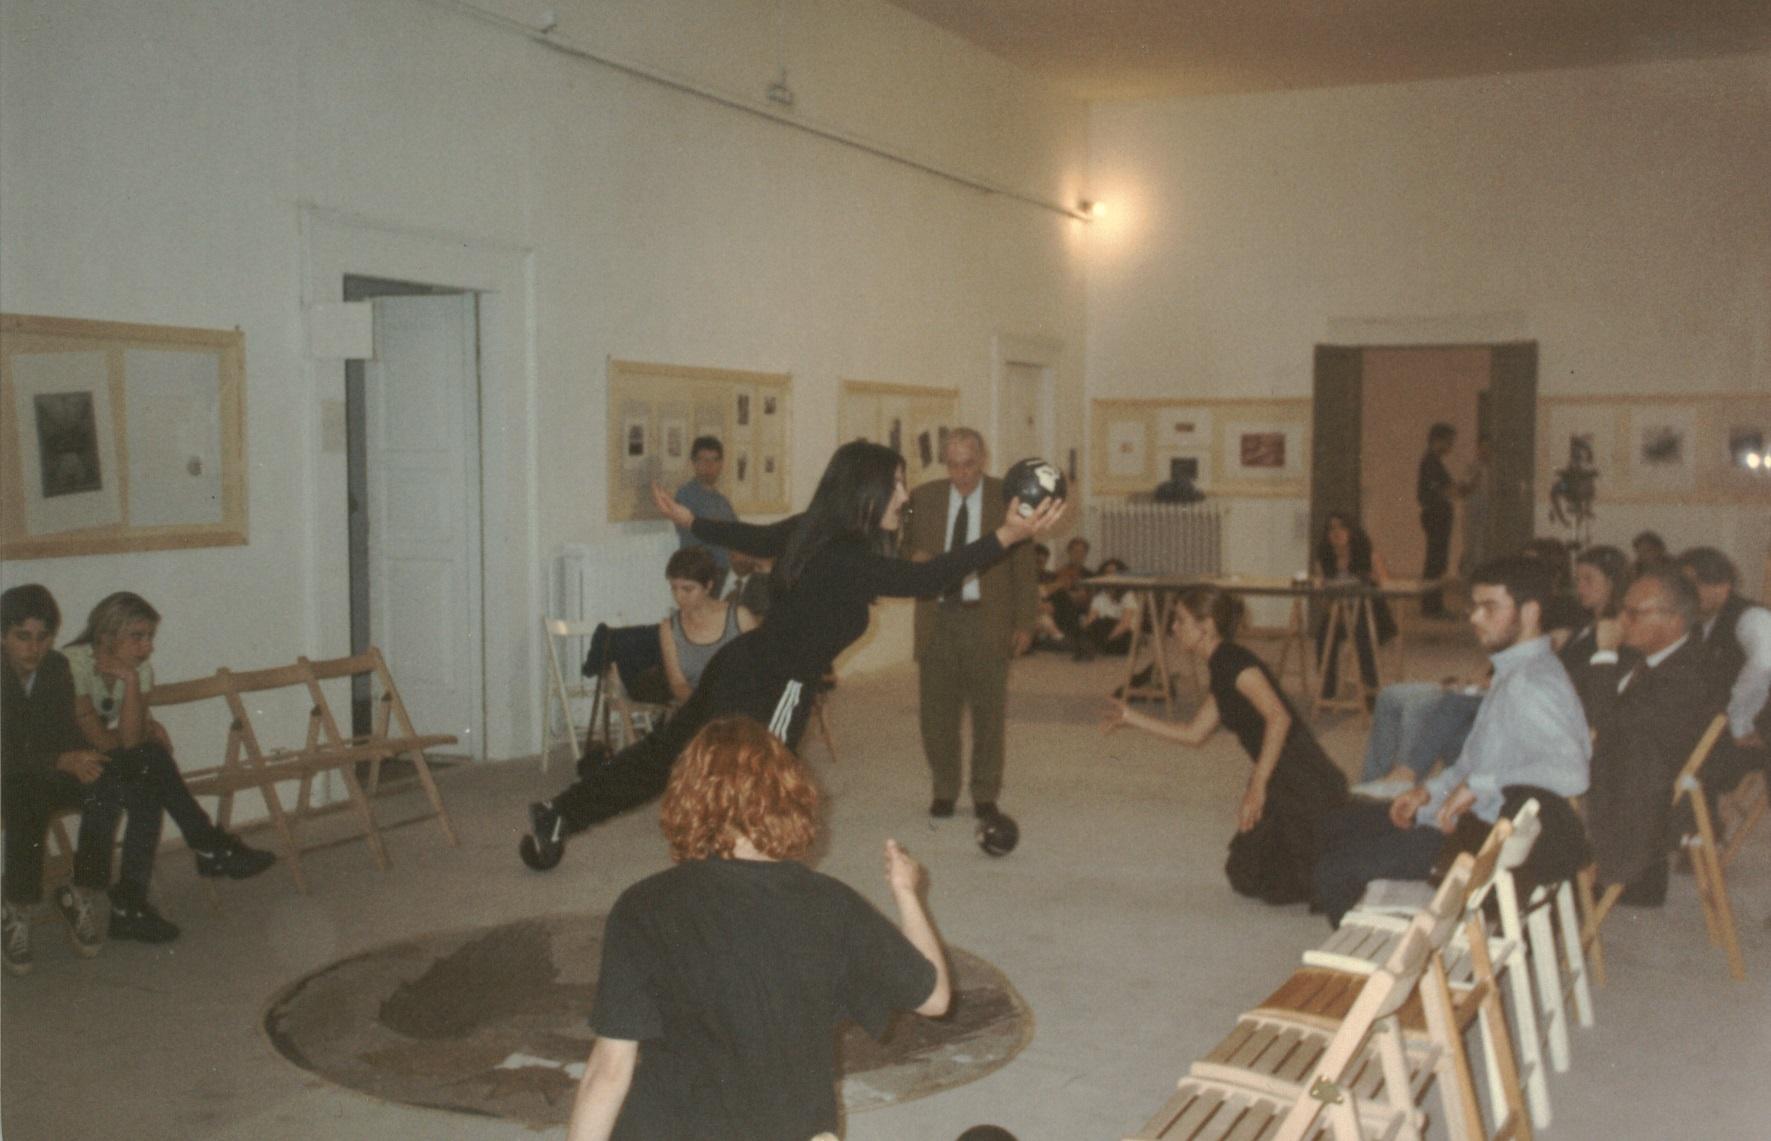 Prove aperte della performance presso le sale del Muspac